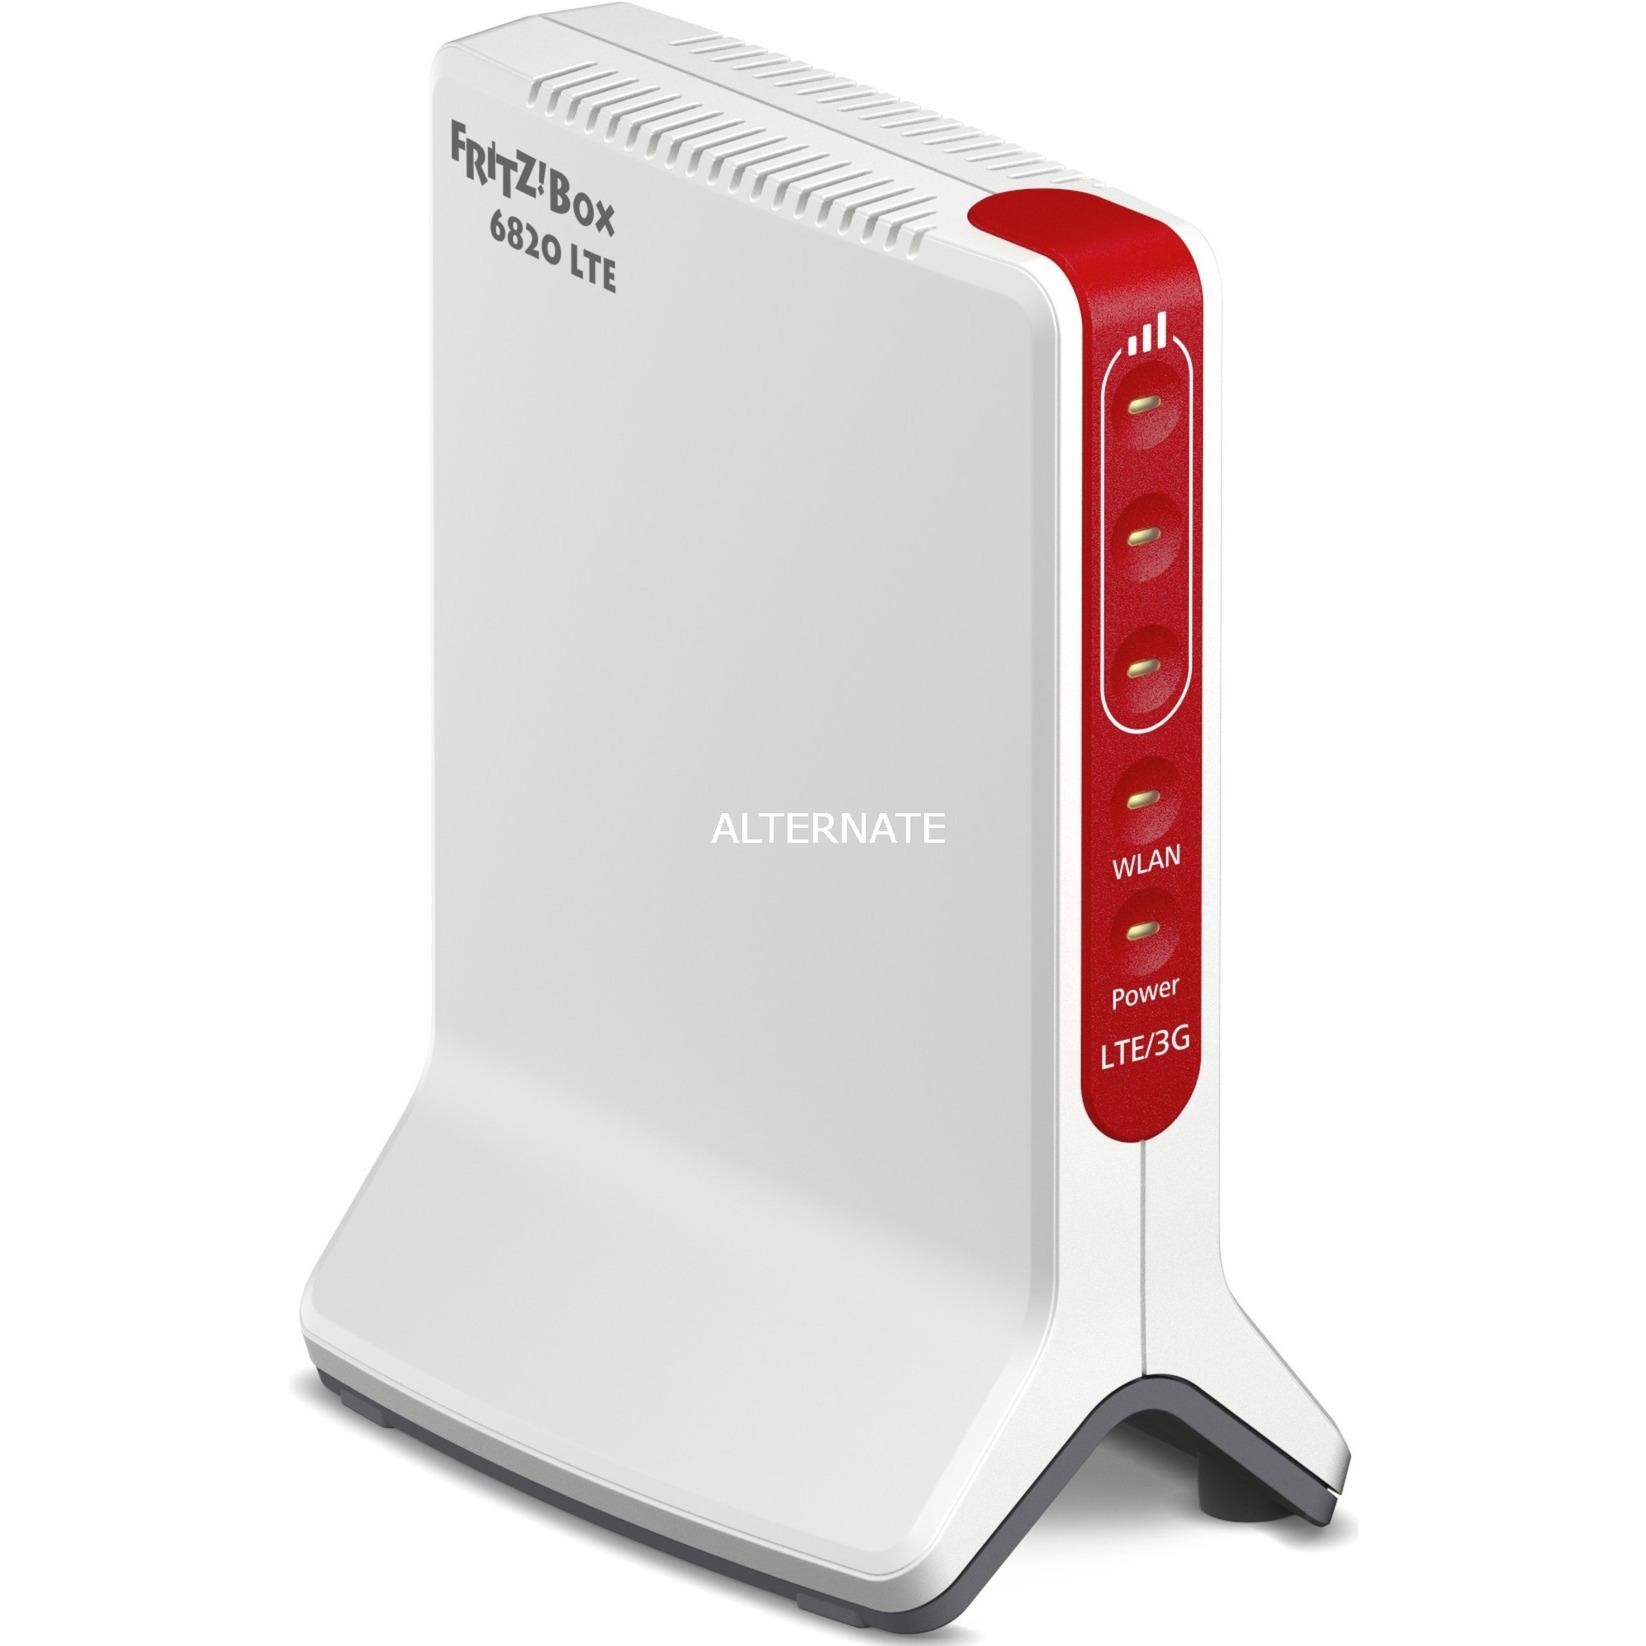 FRITZ!Box 6820 LTE router inalámbrico Banda única (2,4 GHz) Gigabit Ethernet 3G 4G Rojo, Blanco